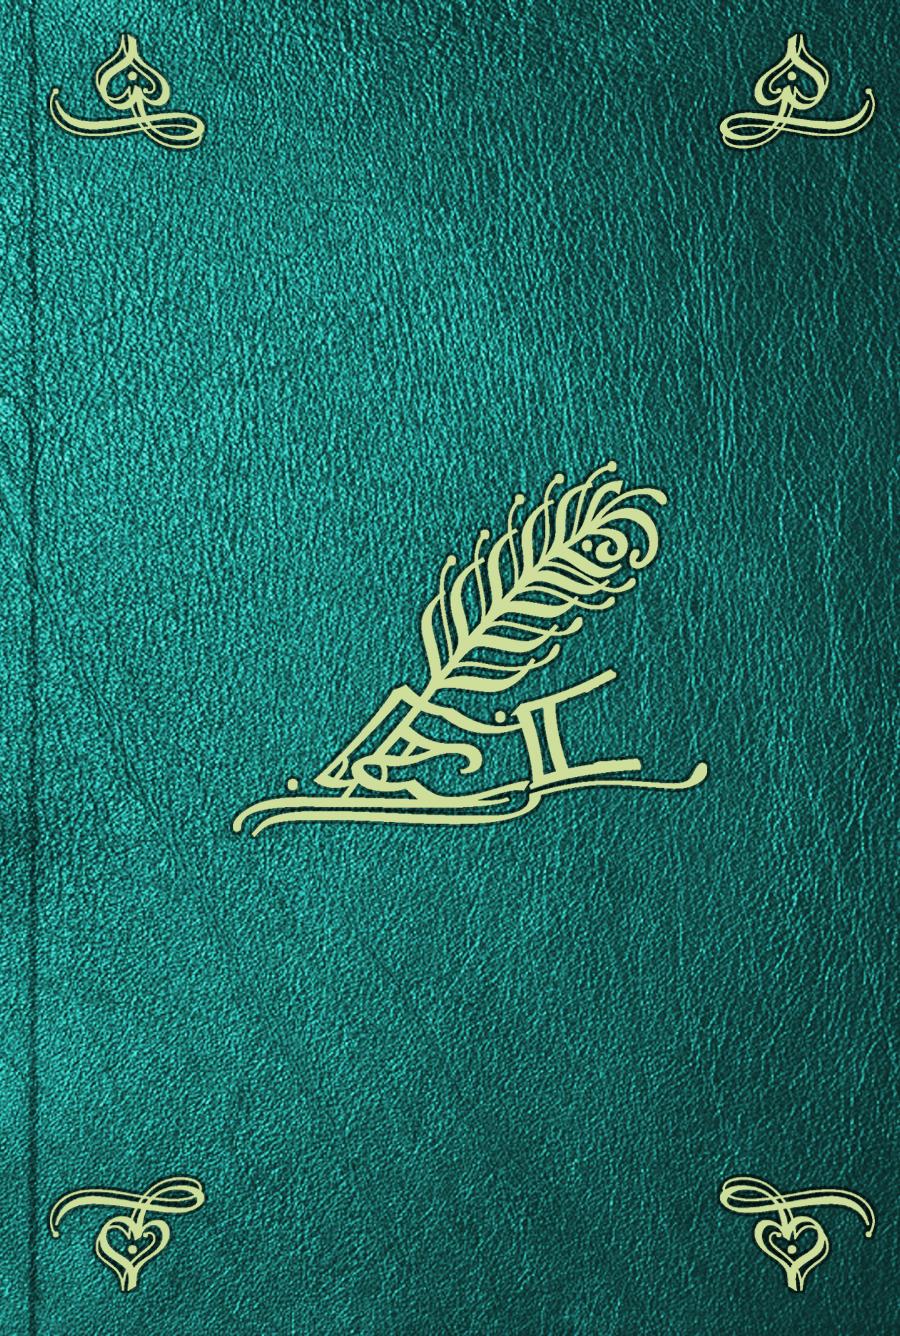 Joseph von Hormayr Wien, seine Geschicke und seine Denkwürdigkeiten. Bd. 2, H. 3 j keats hyperion mit einleitung hrsg von johannes hoops